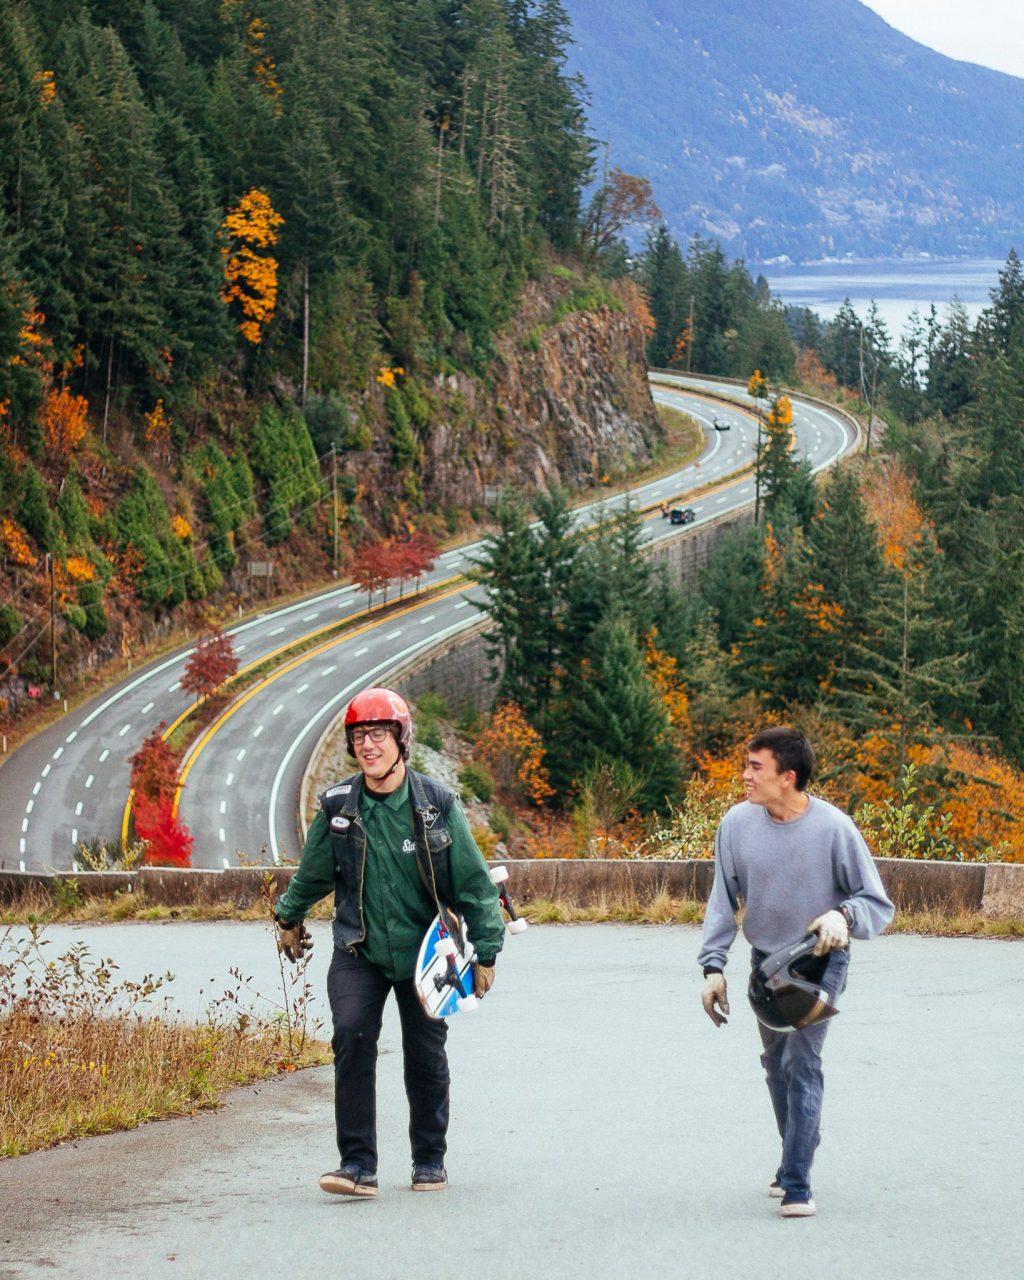 54-sam-galus-flatspot-longboards-valhalla-skateboards-higway-jam-highwayjamx-sho-ouellette-sho-stopper-longboarding